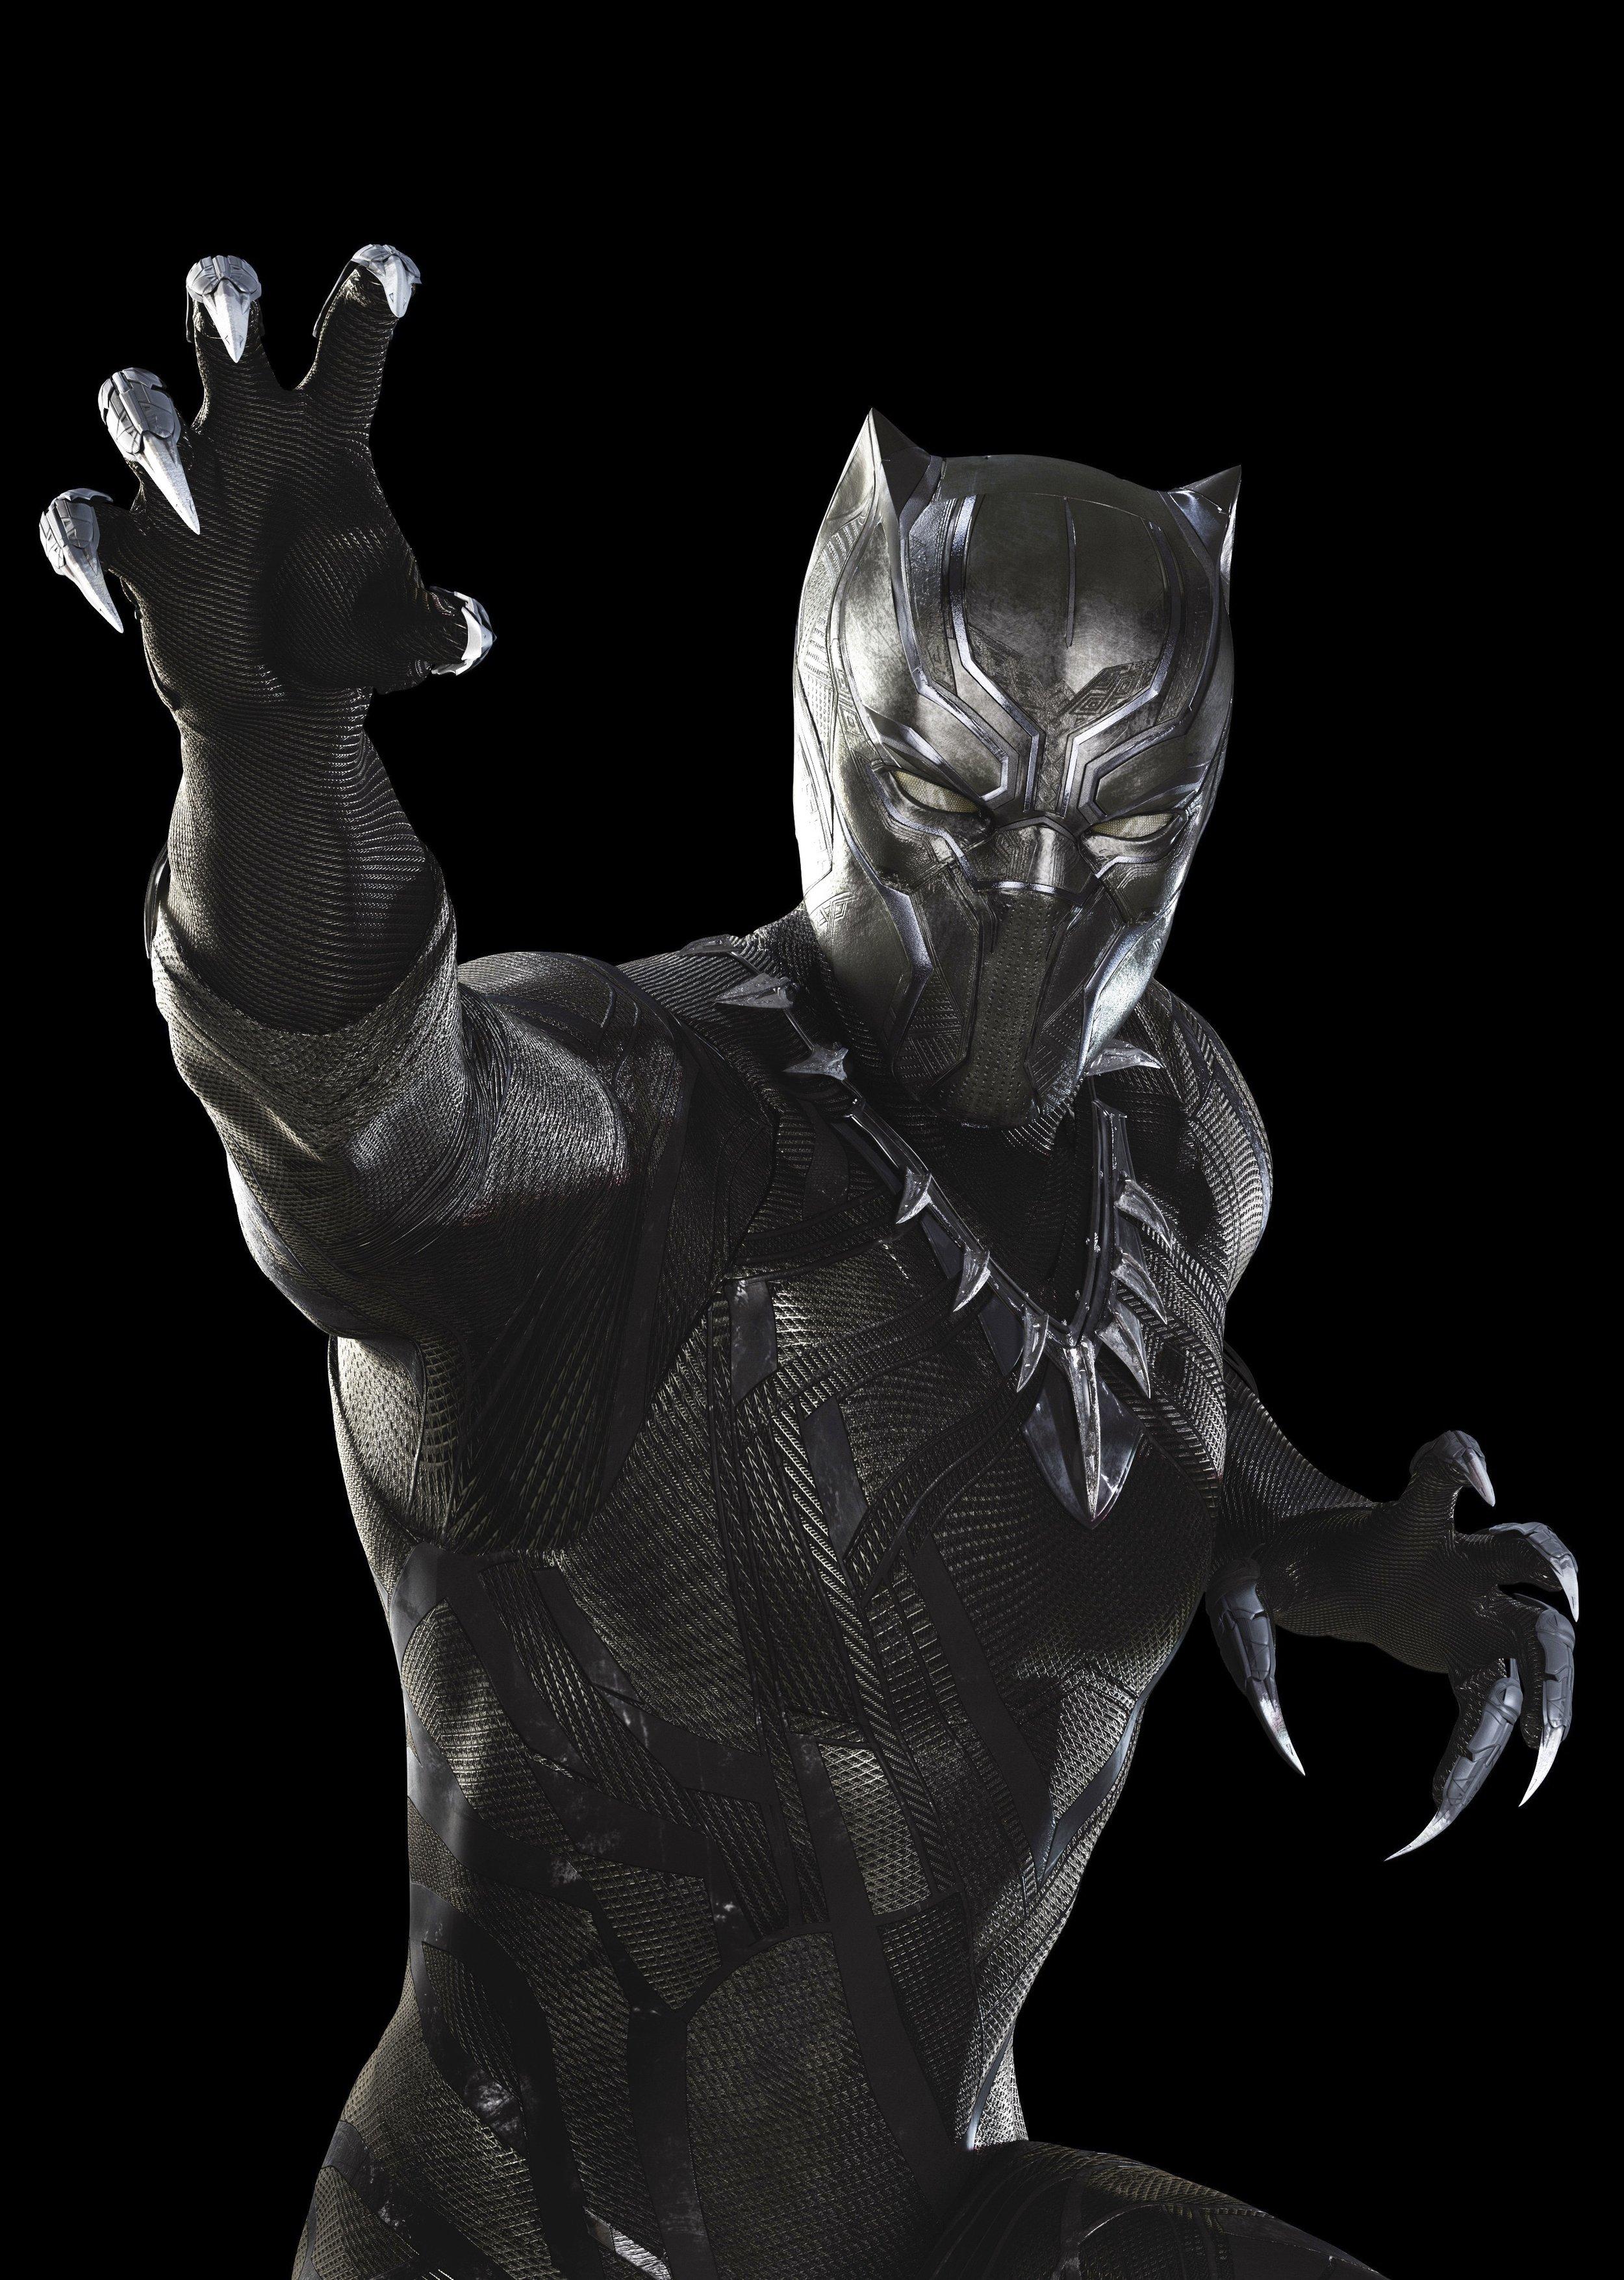 Black Panther, played by Chadwick Boseman